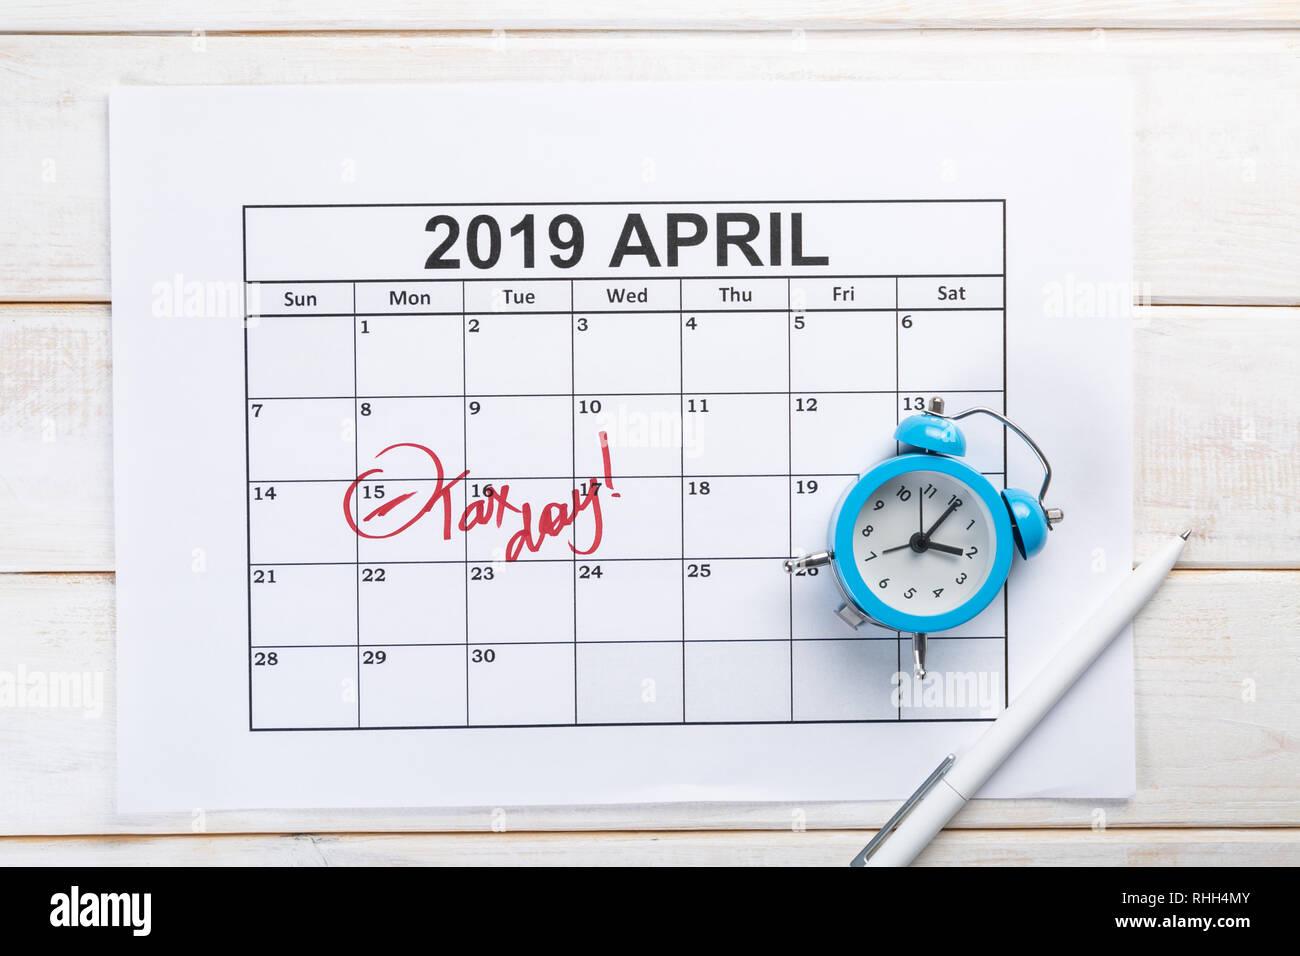 Imposta Calendario.Imposta Giorno Concetto Calcolatrice Calendario Sotto